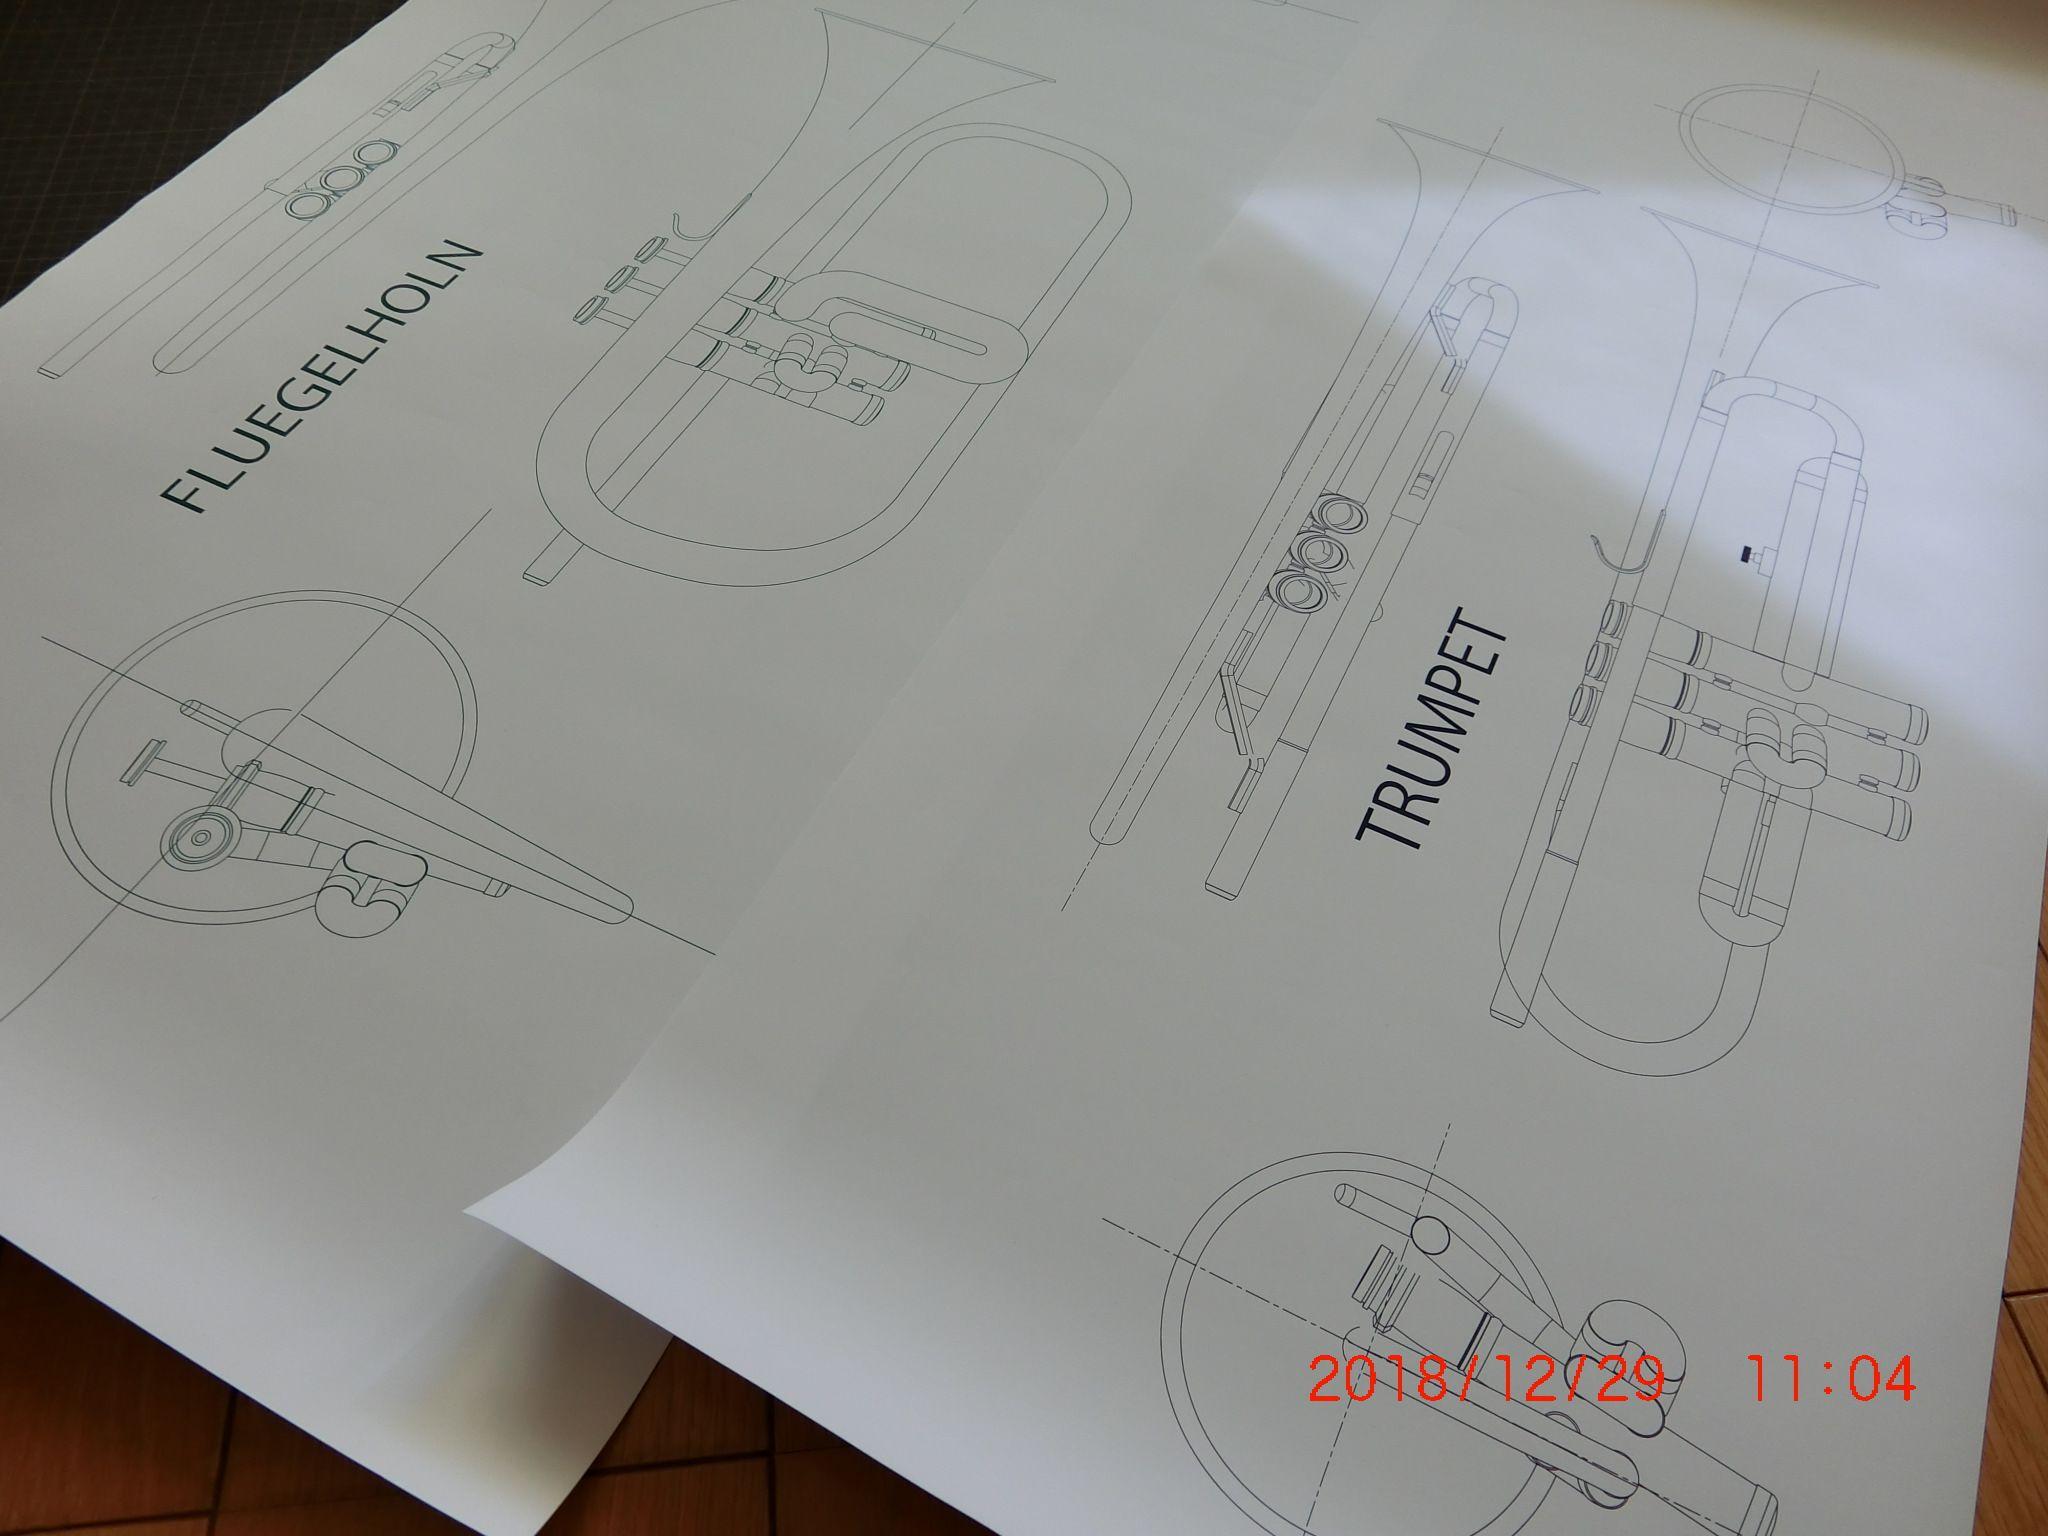 ペットとホルンの図面ができた ホルン 図面 ペット